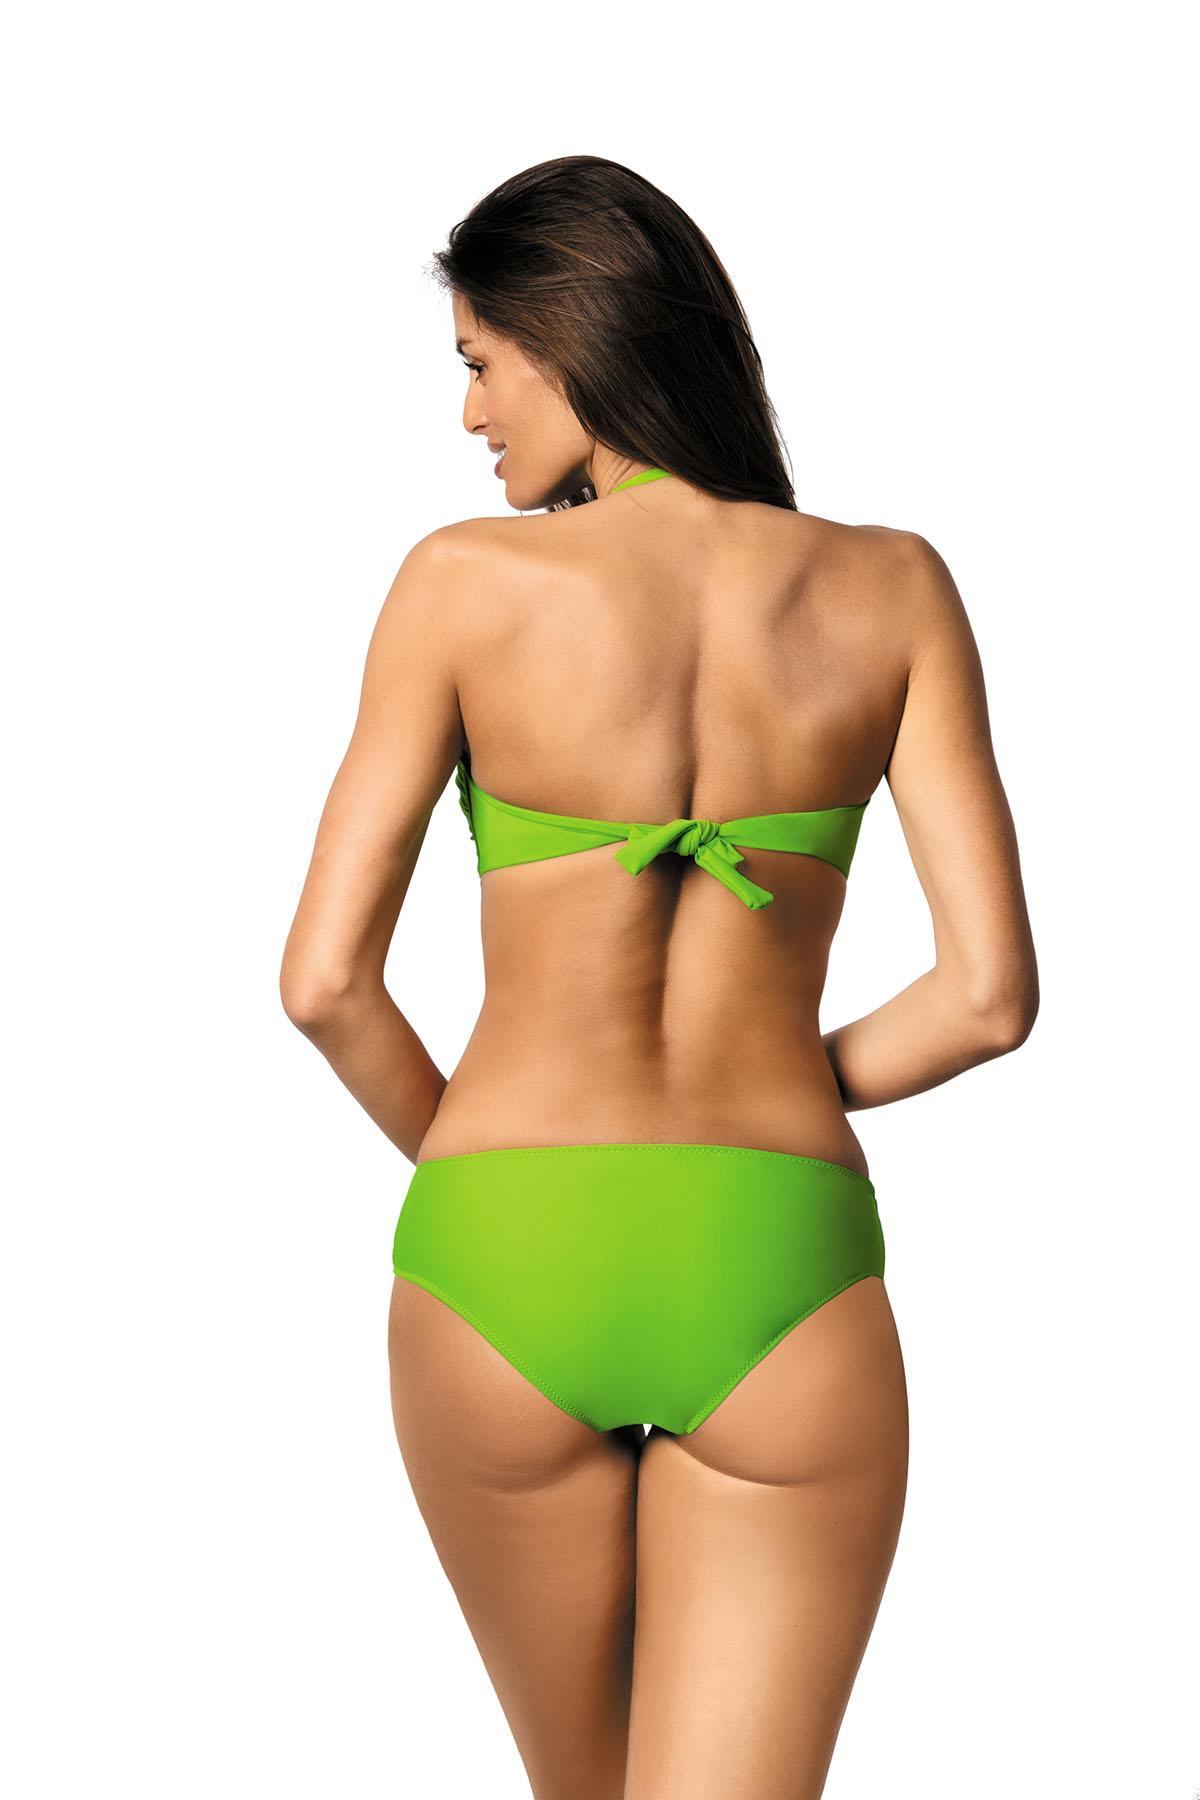 Marko - Kostium kąpielowy Salma Erba M-254 Zielony  jak na zdjęciu Foto 3